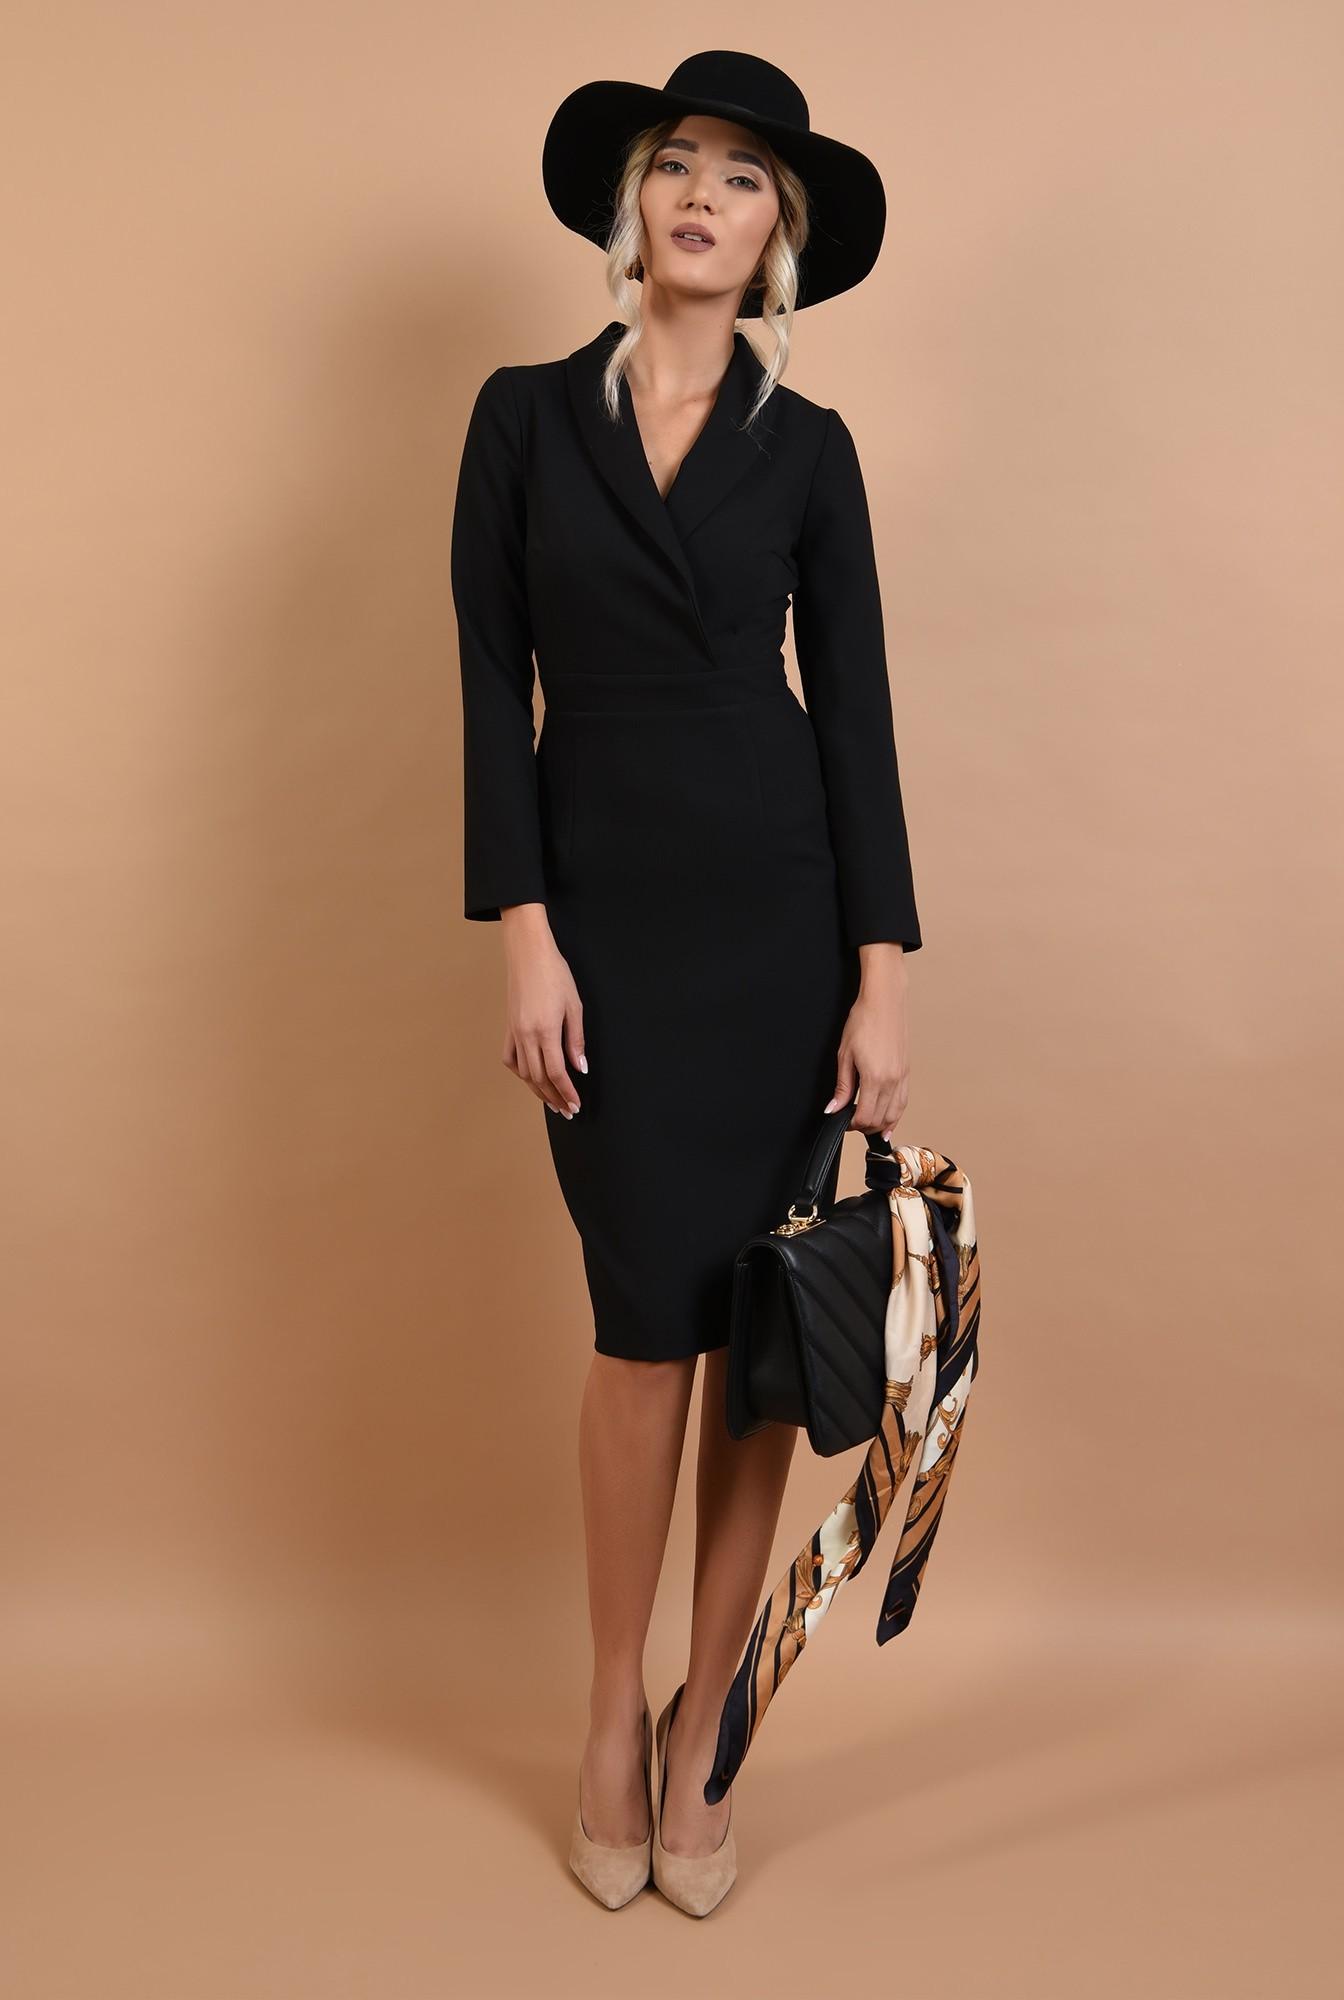 0 - rochie neagra, conica, office, Poema, cu revere sal